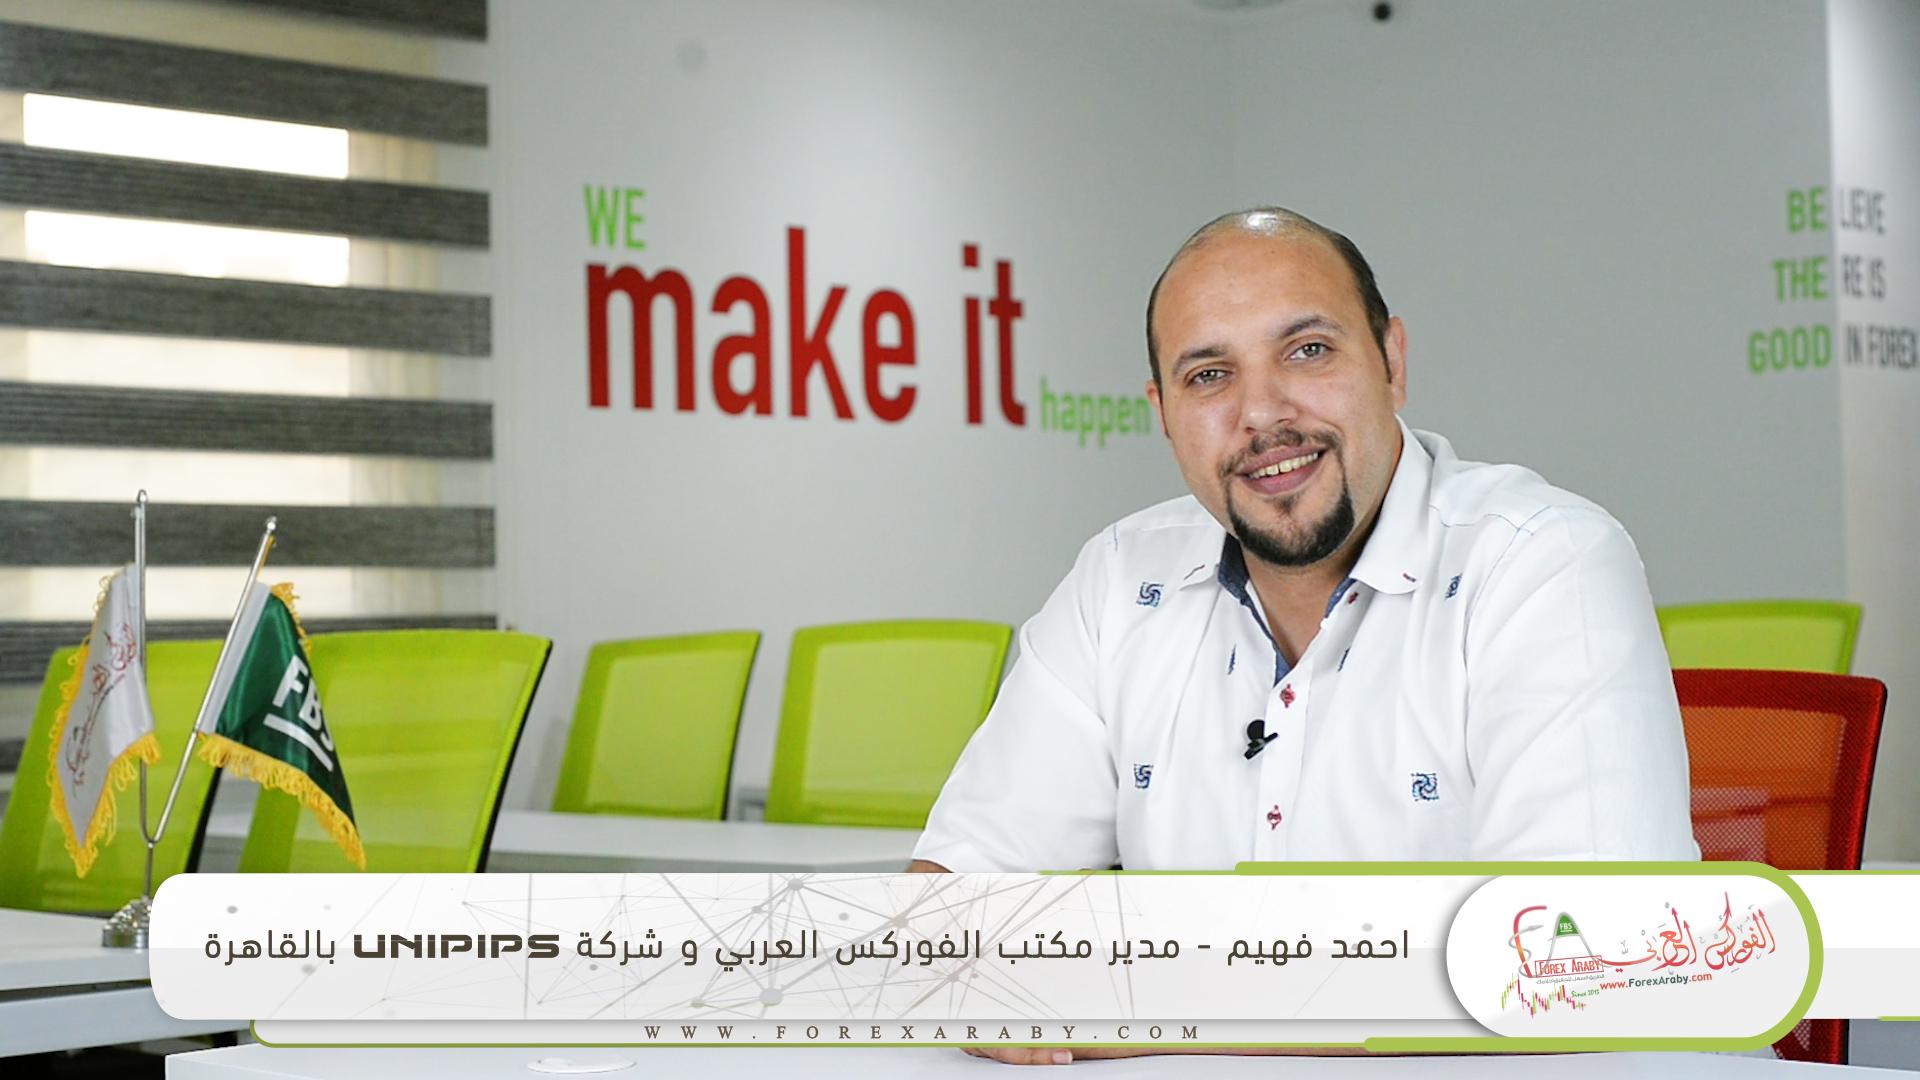 ندوات الفوركس العربي المجانية